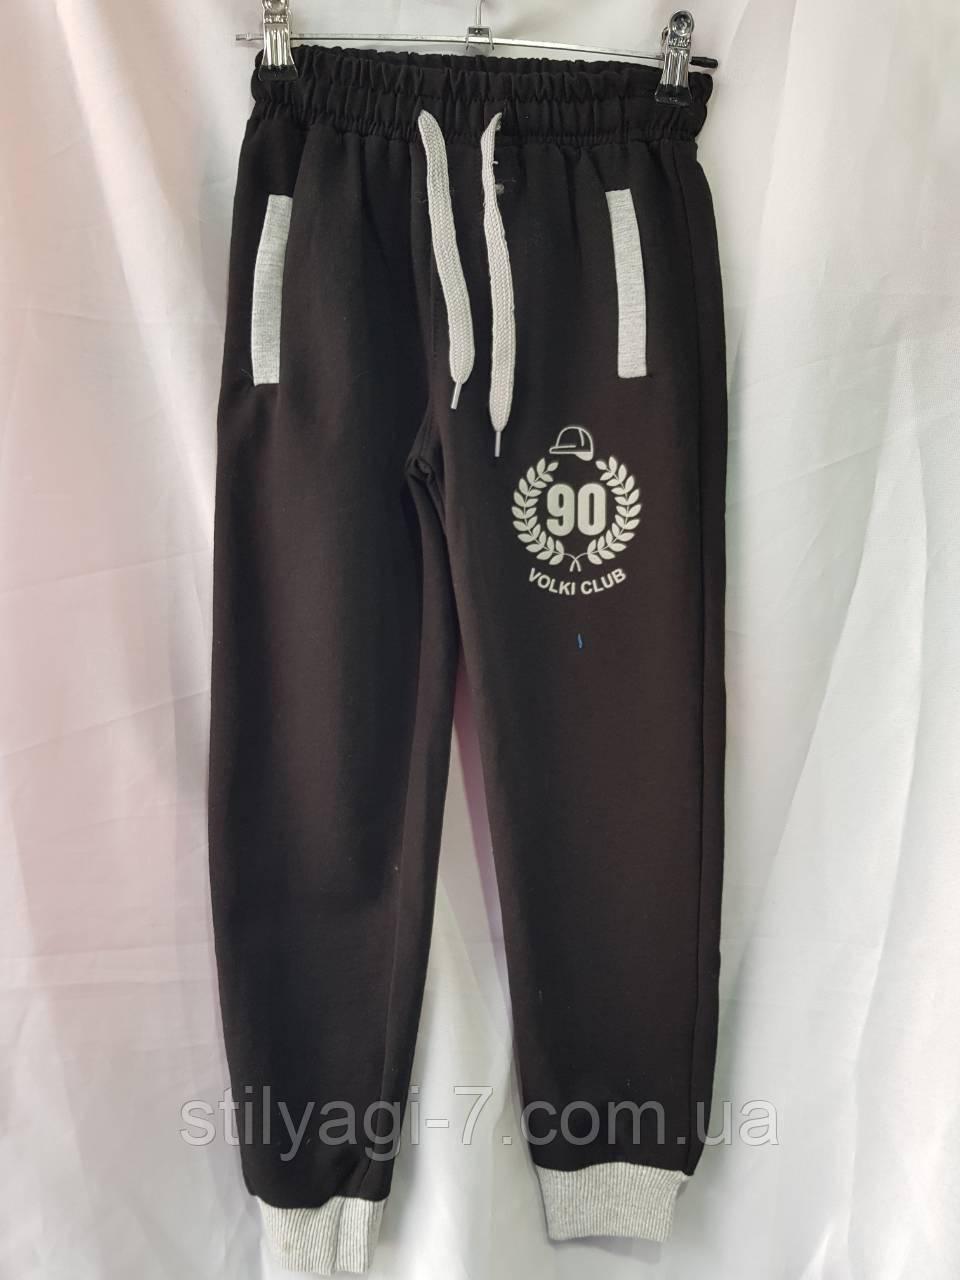 Спортивные штаны для мальчика-подростка на 9-12 лет черного цвета на манжете с надписью оптом